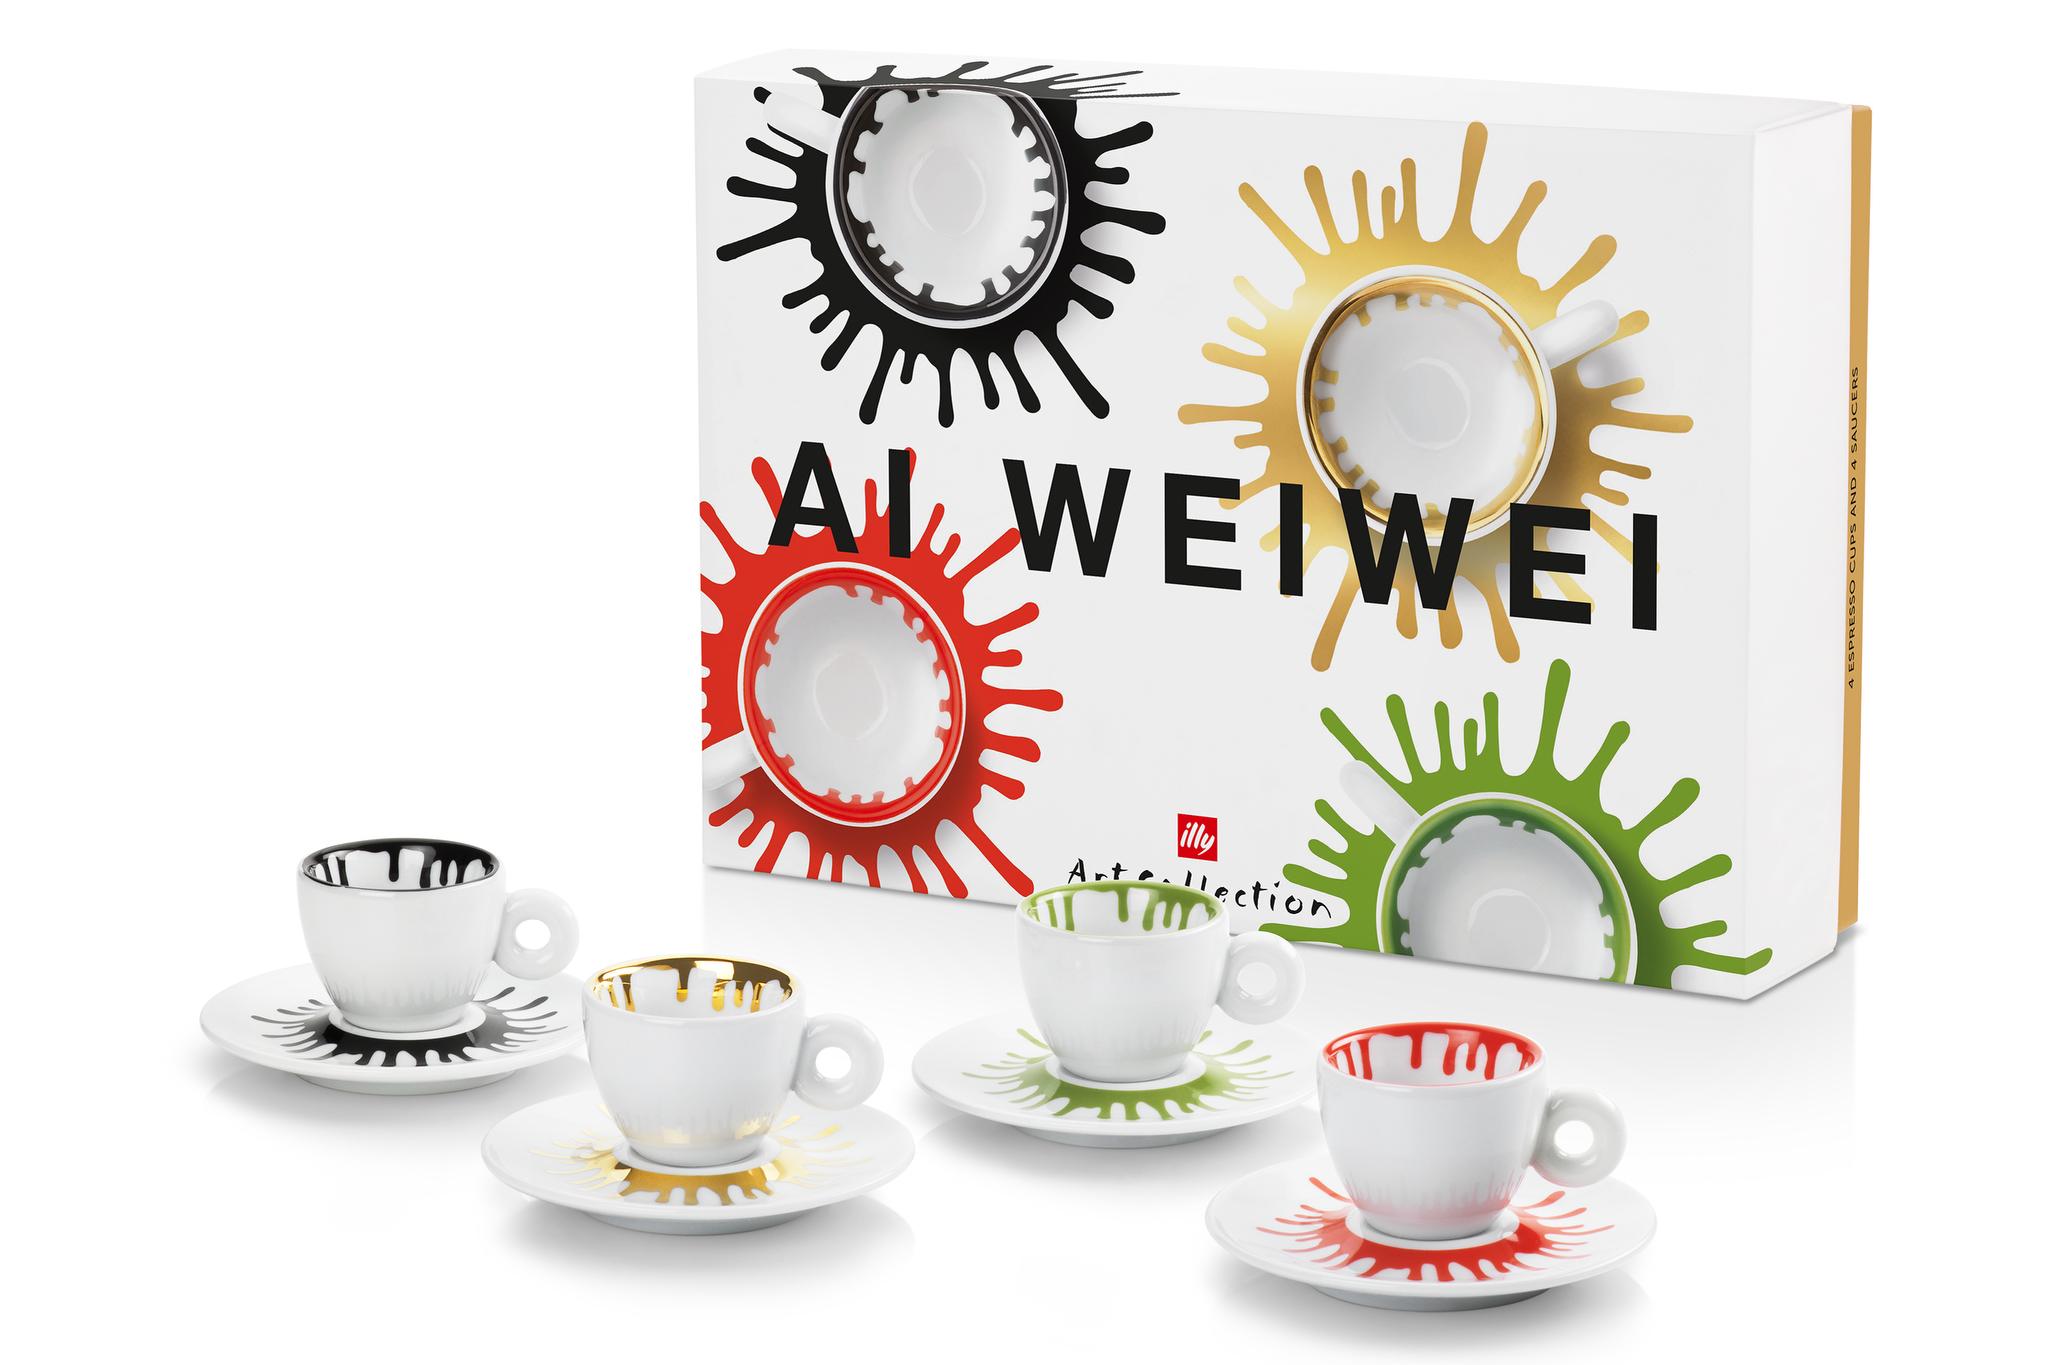 Les créations d'Ai Weiwei pour illy.